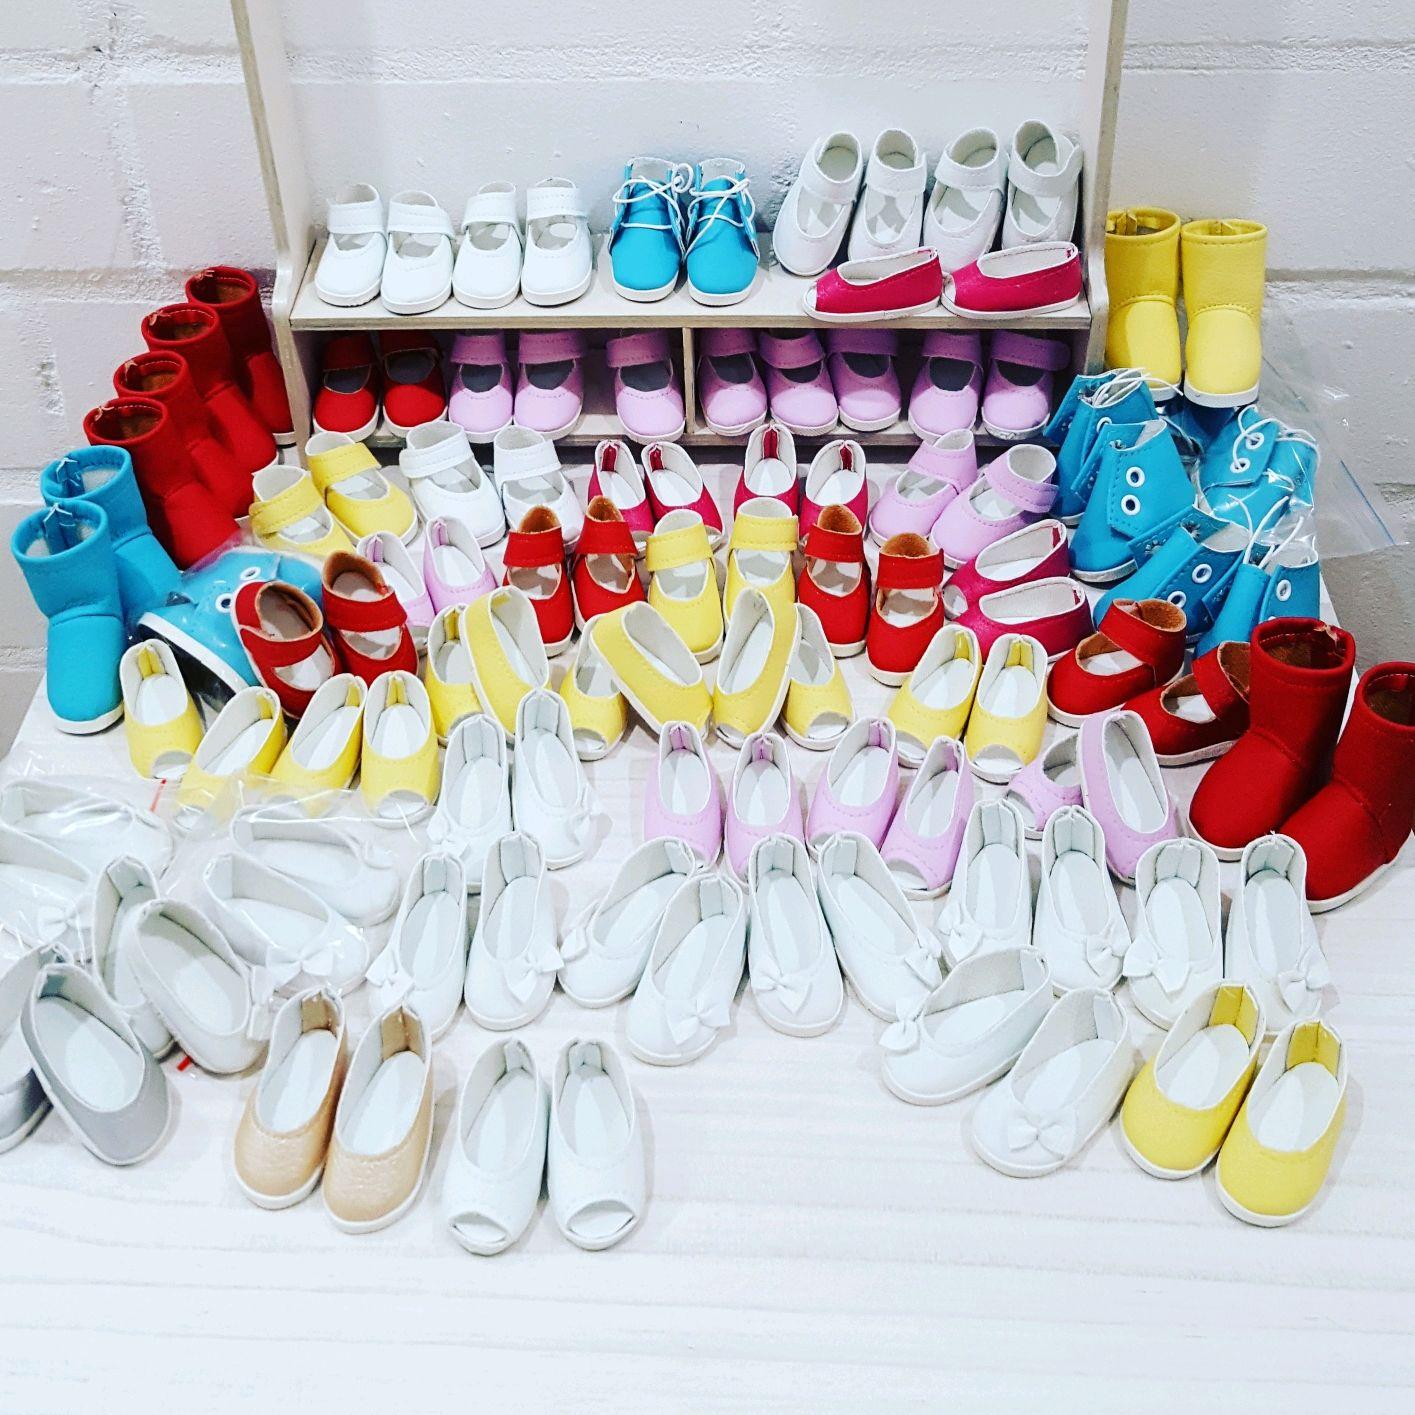 bfde7af73ce5 Одежда для кукол ручной работы. Ярмарка Мастеров - ручная работа. Купить  Обувь для кукол ...